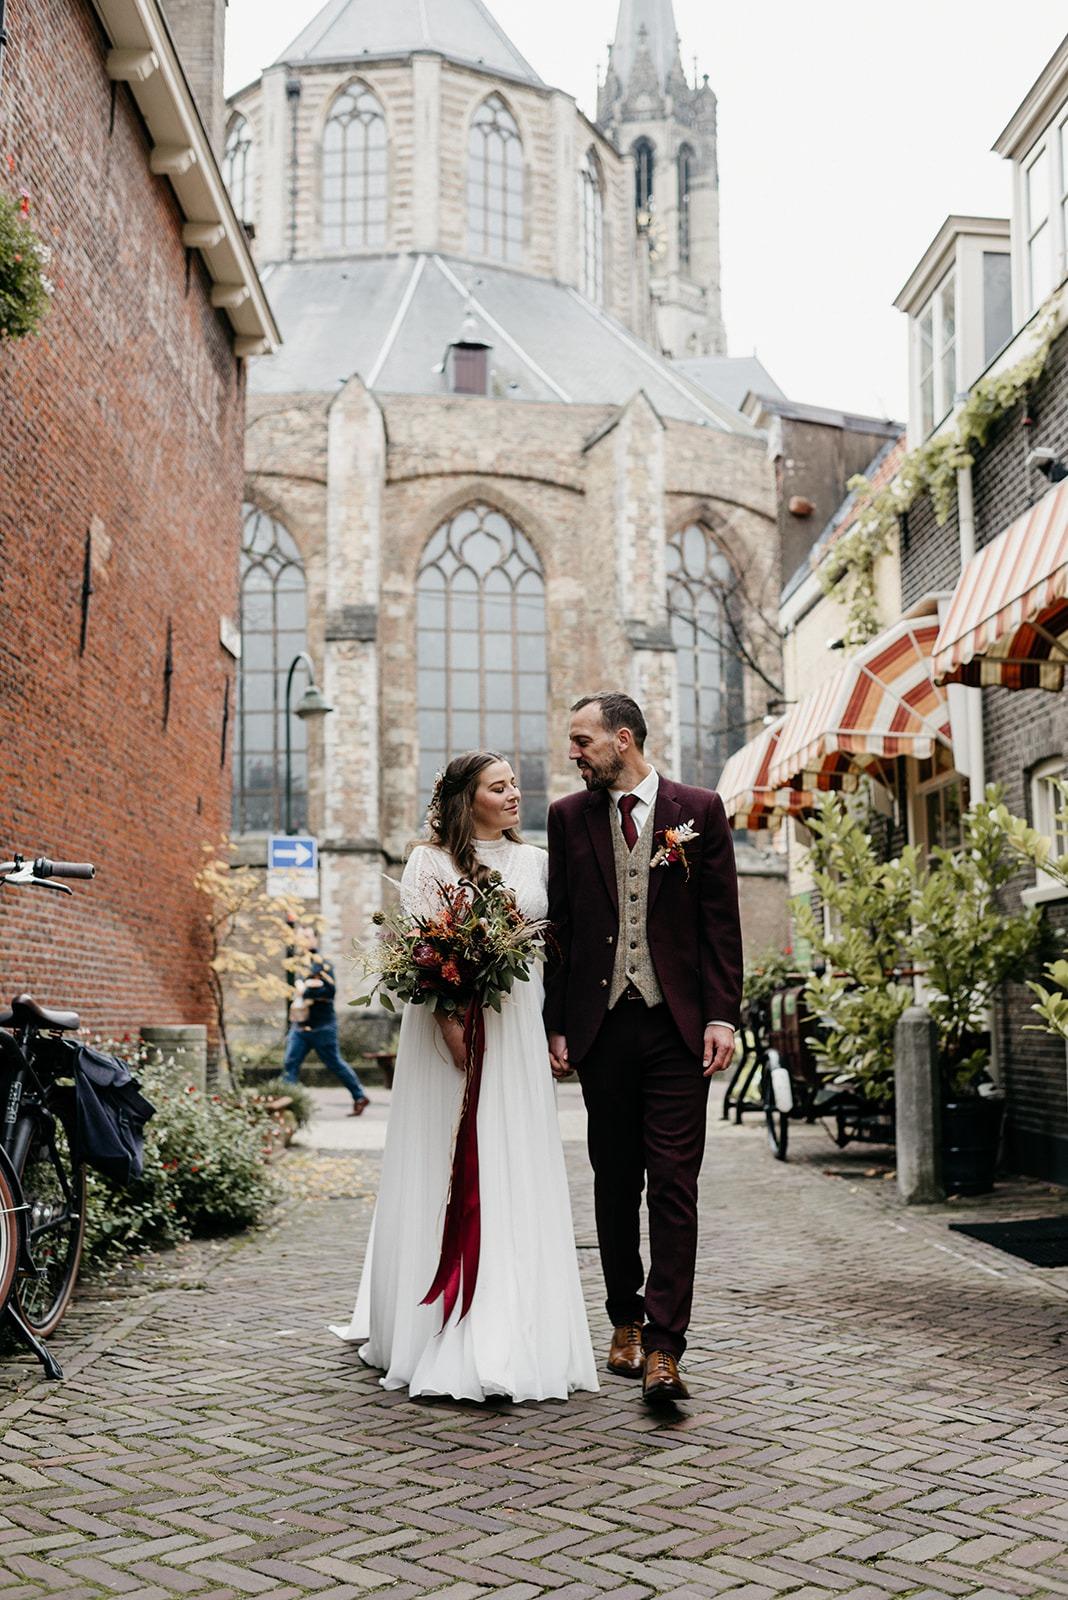 Bruidspaar lopend door de straten van Delft.